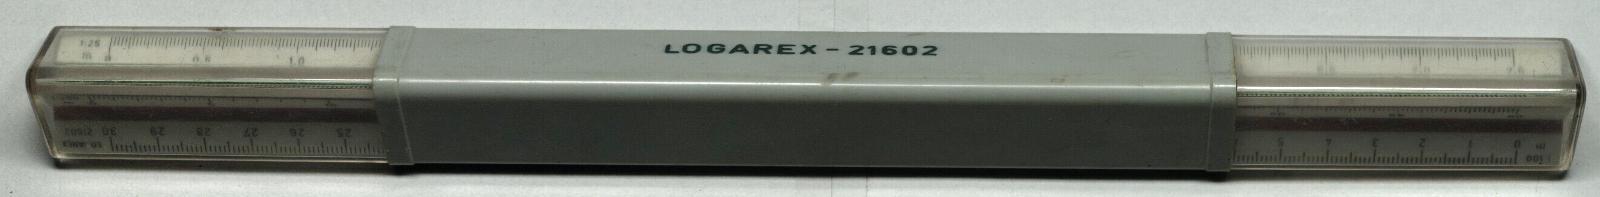 Logarex 21602 -pravítko s měřítky - krásný, dost možná nepoužitý stav - Nářadí